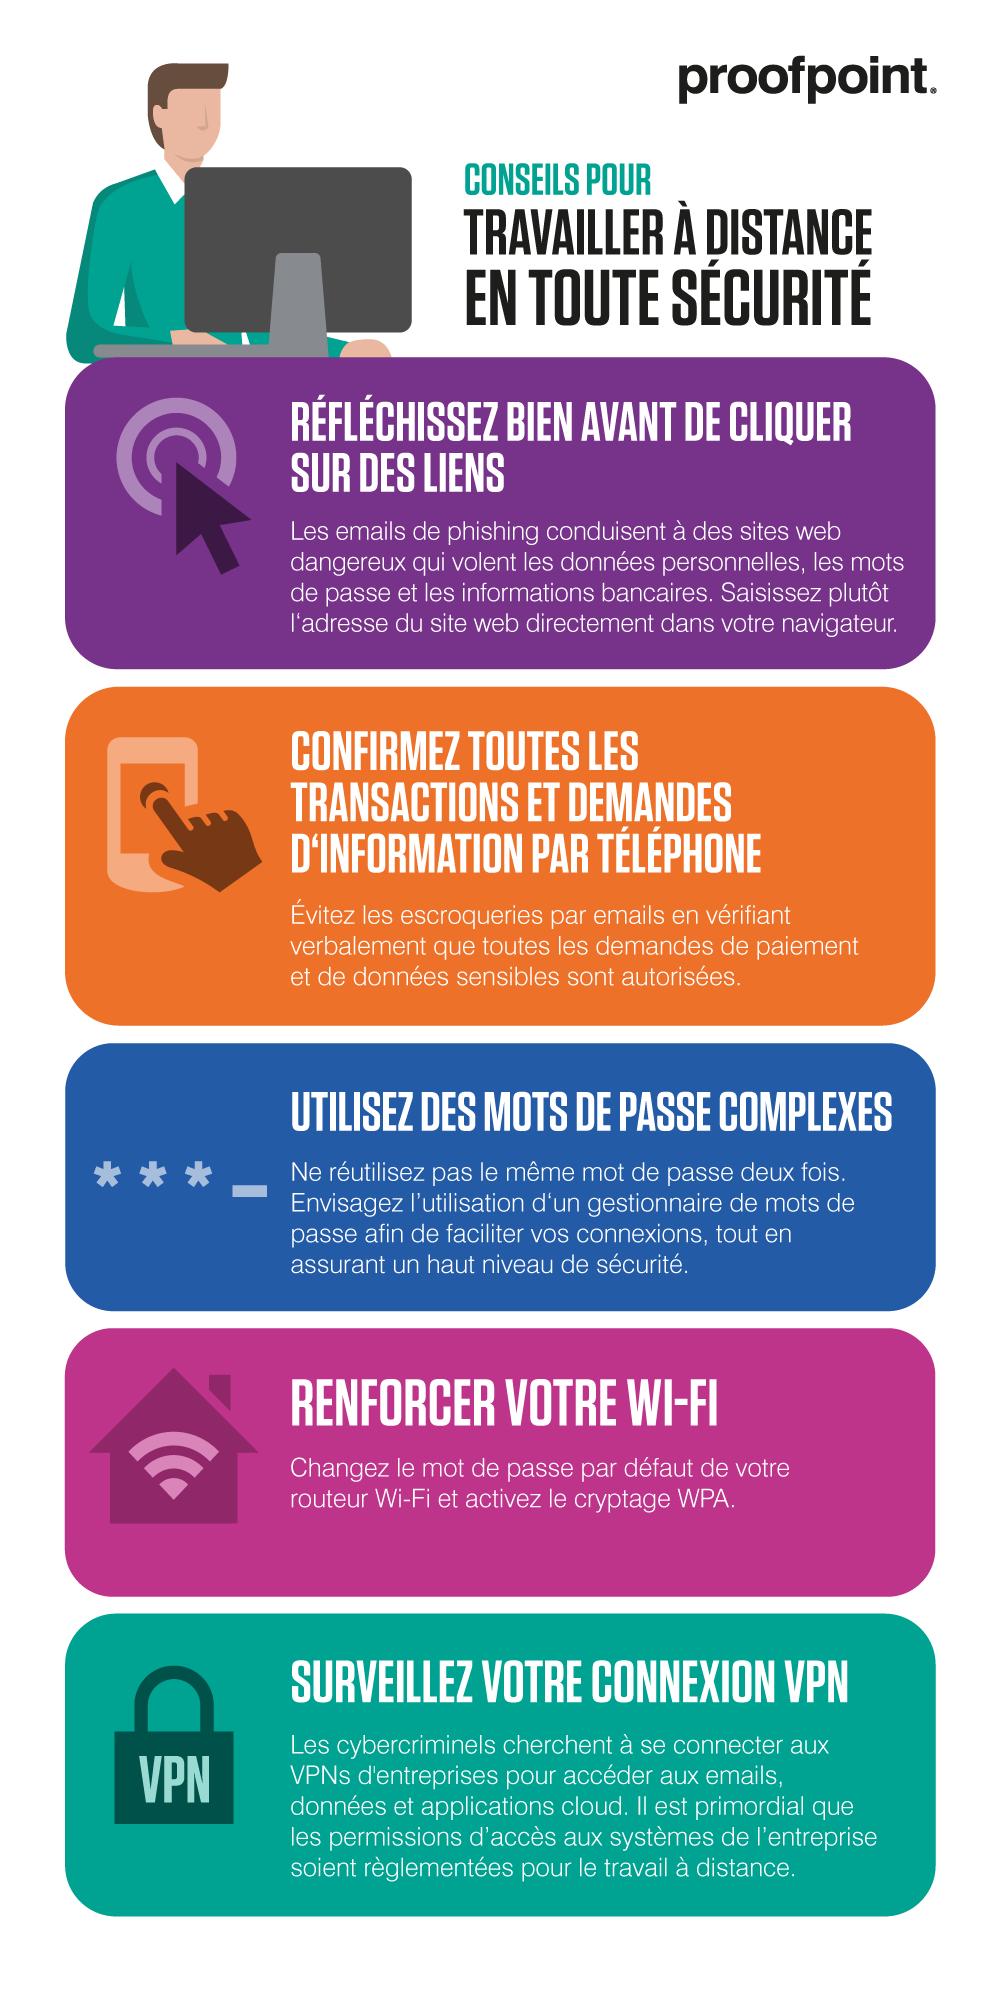 Comment télétravailler en toute sécurité (infographie)